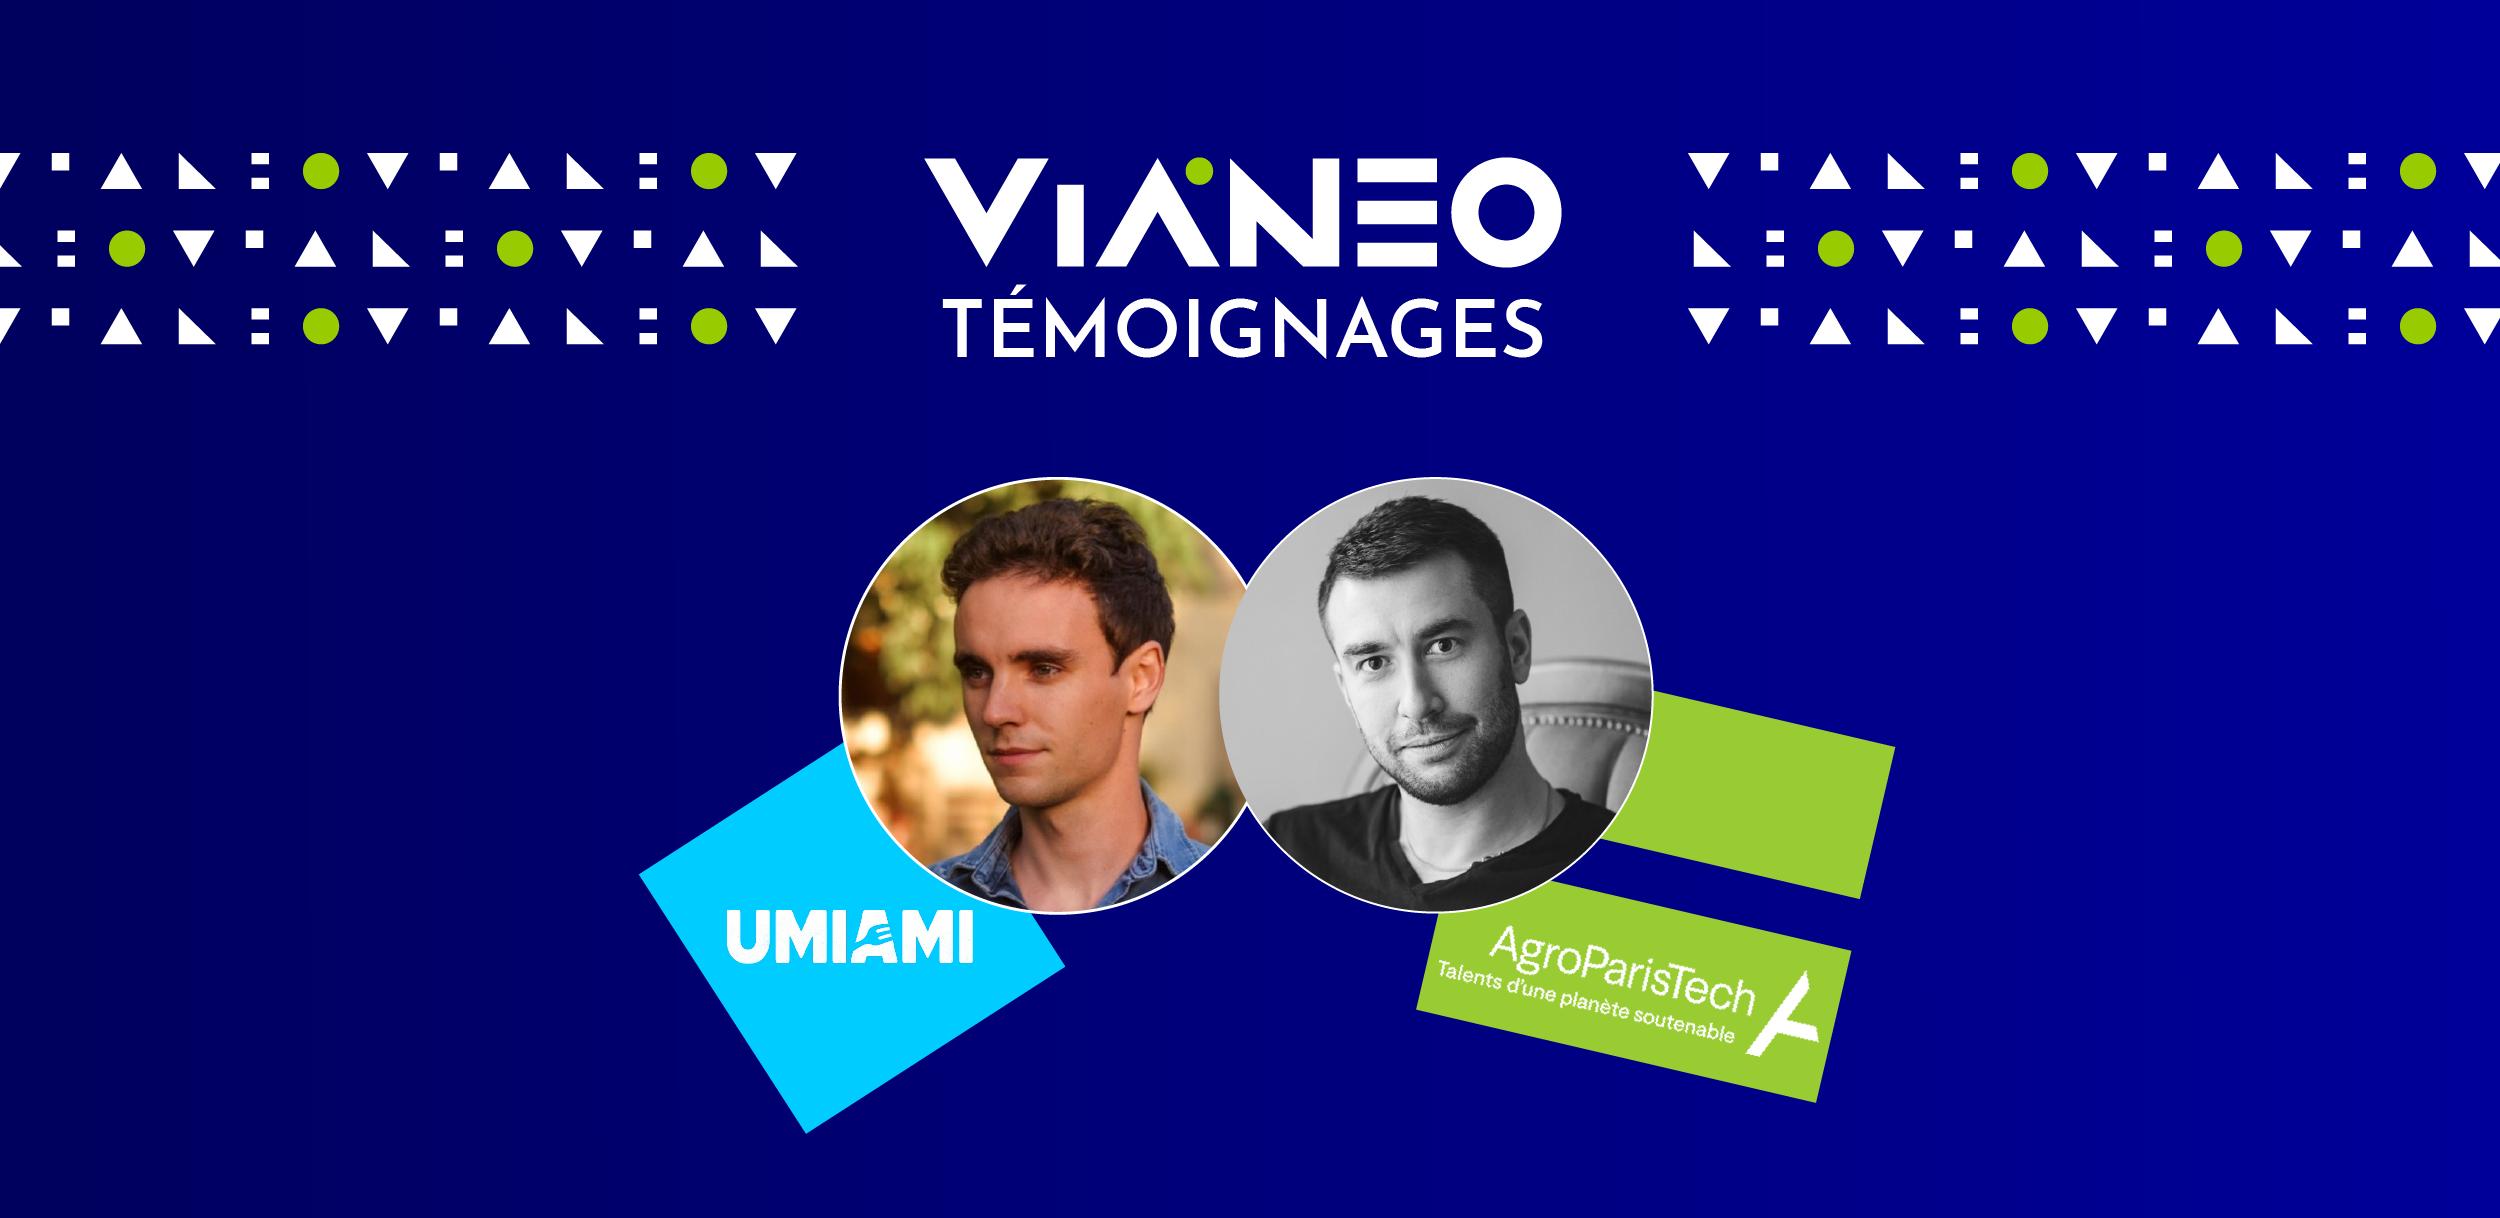 Témoignage UMIAMI x AgroParisTech x Vianeo